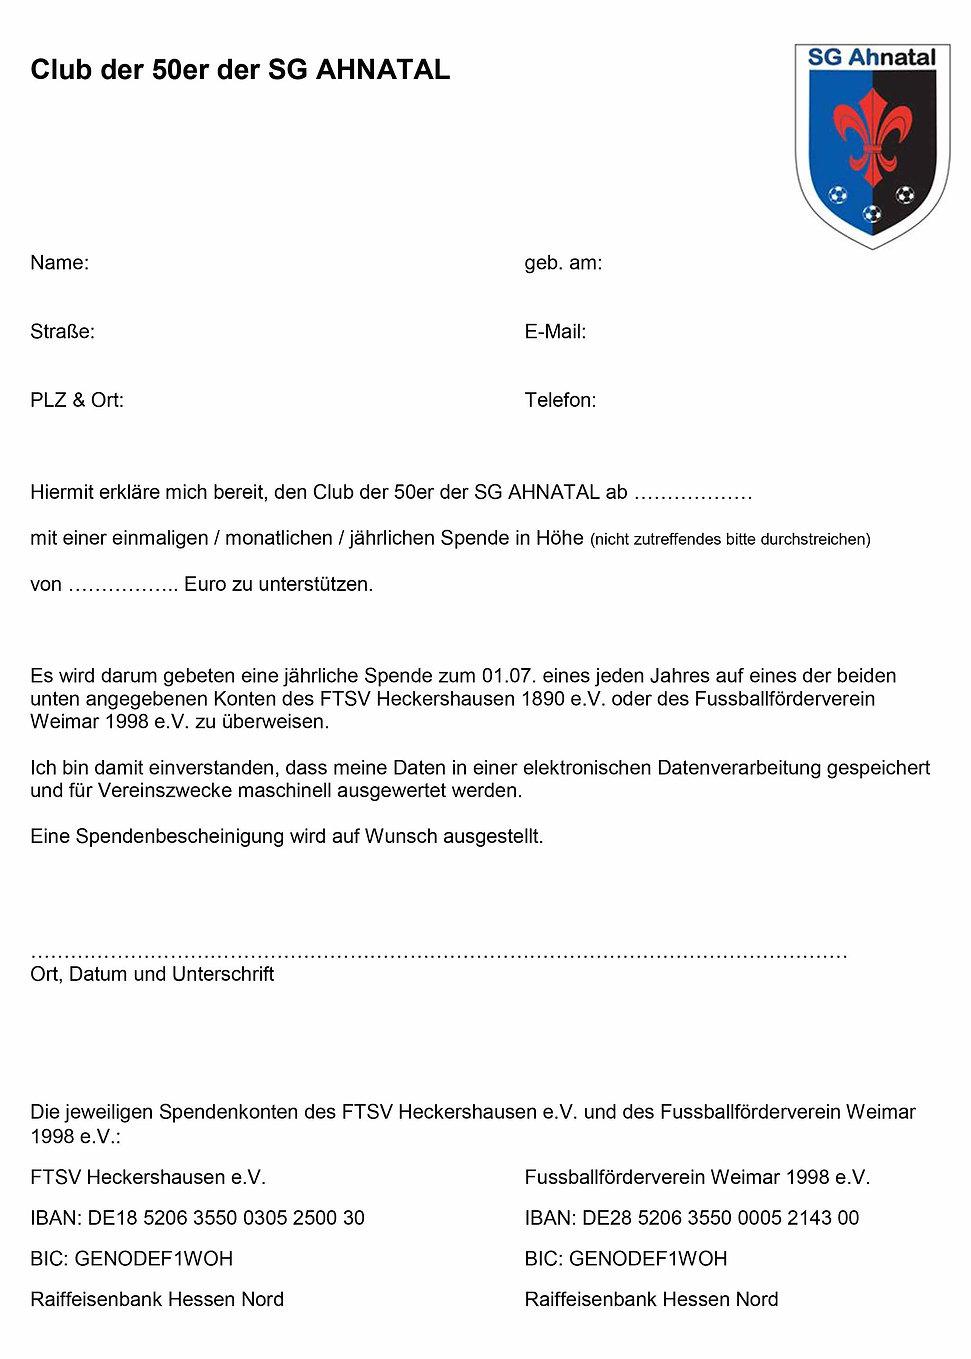 Club-der-50er-Beitrittsformular.jpg